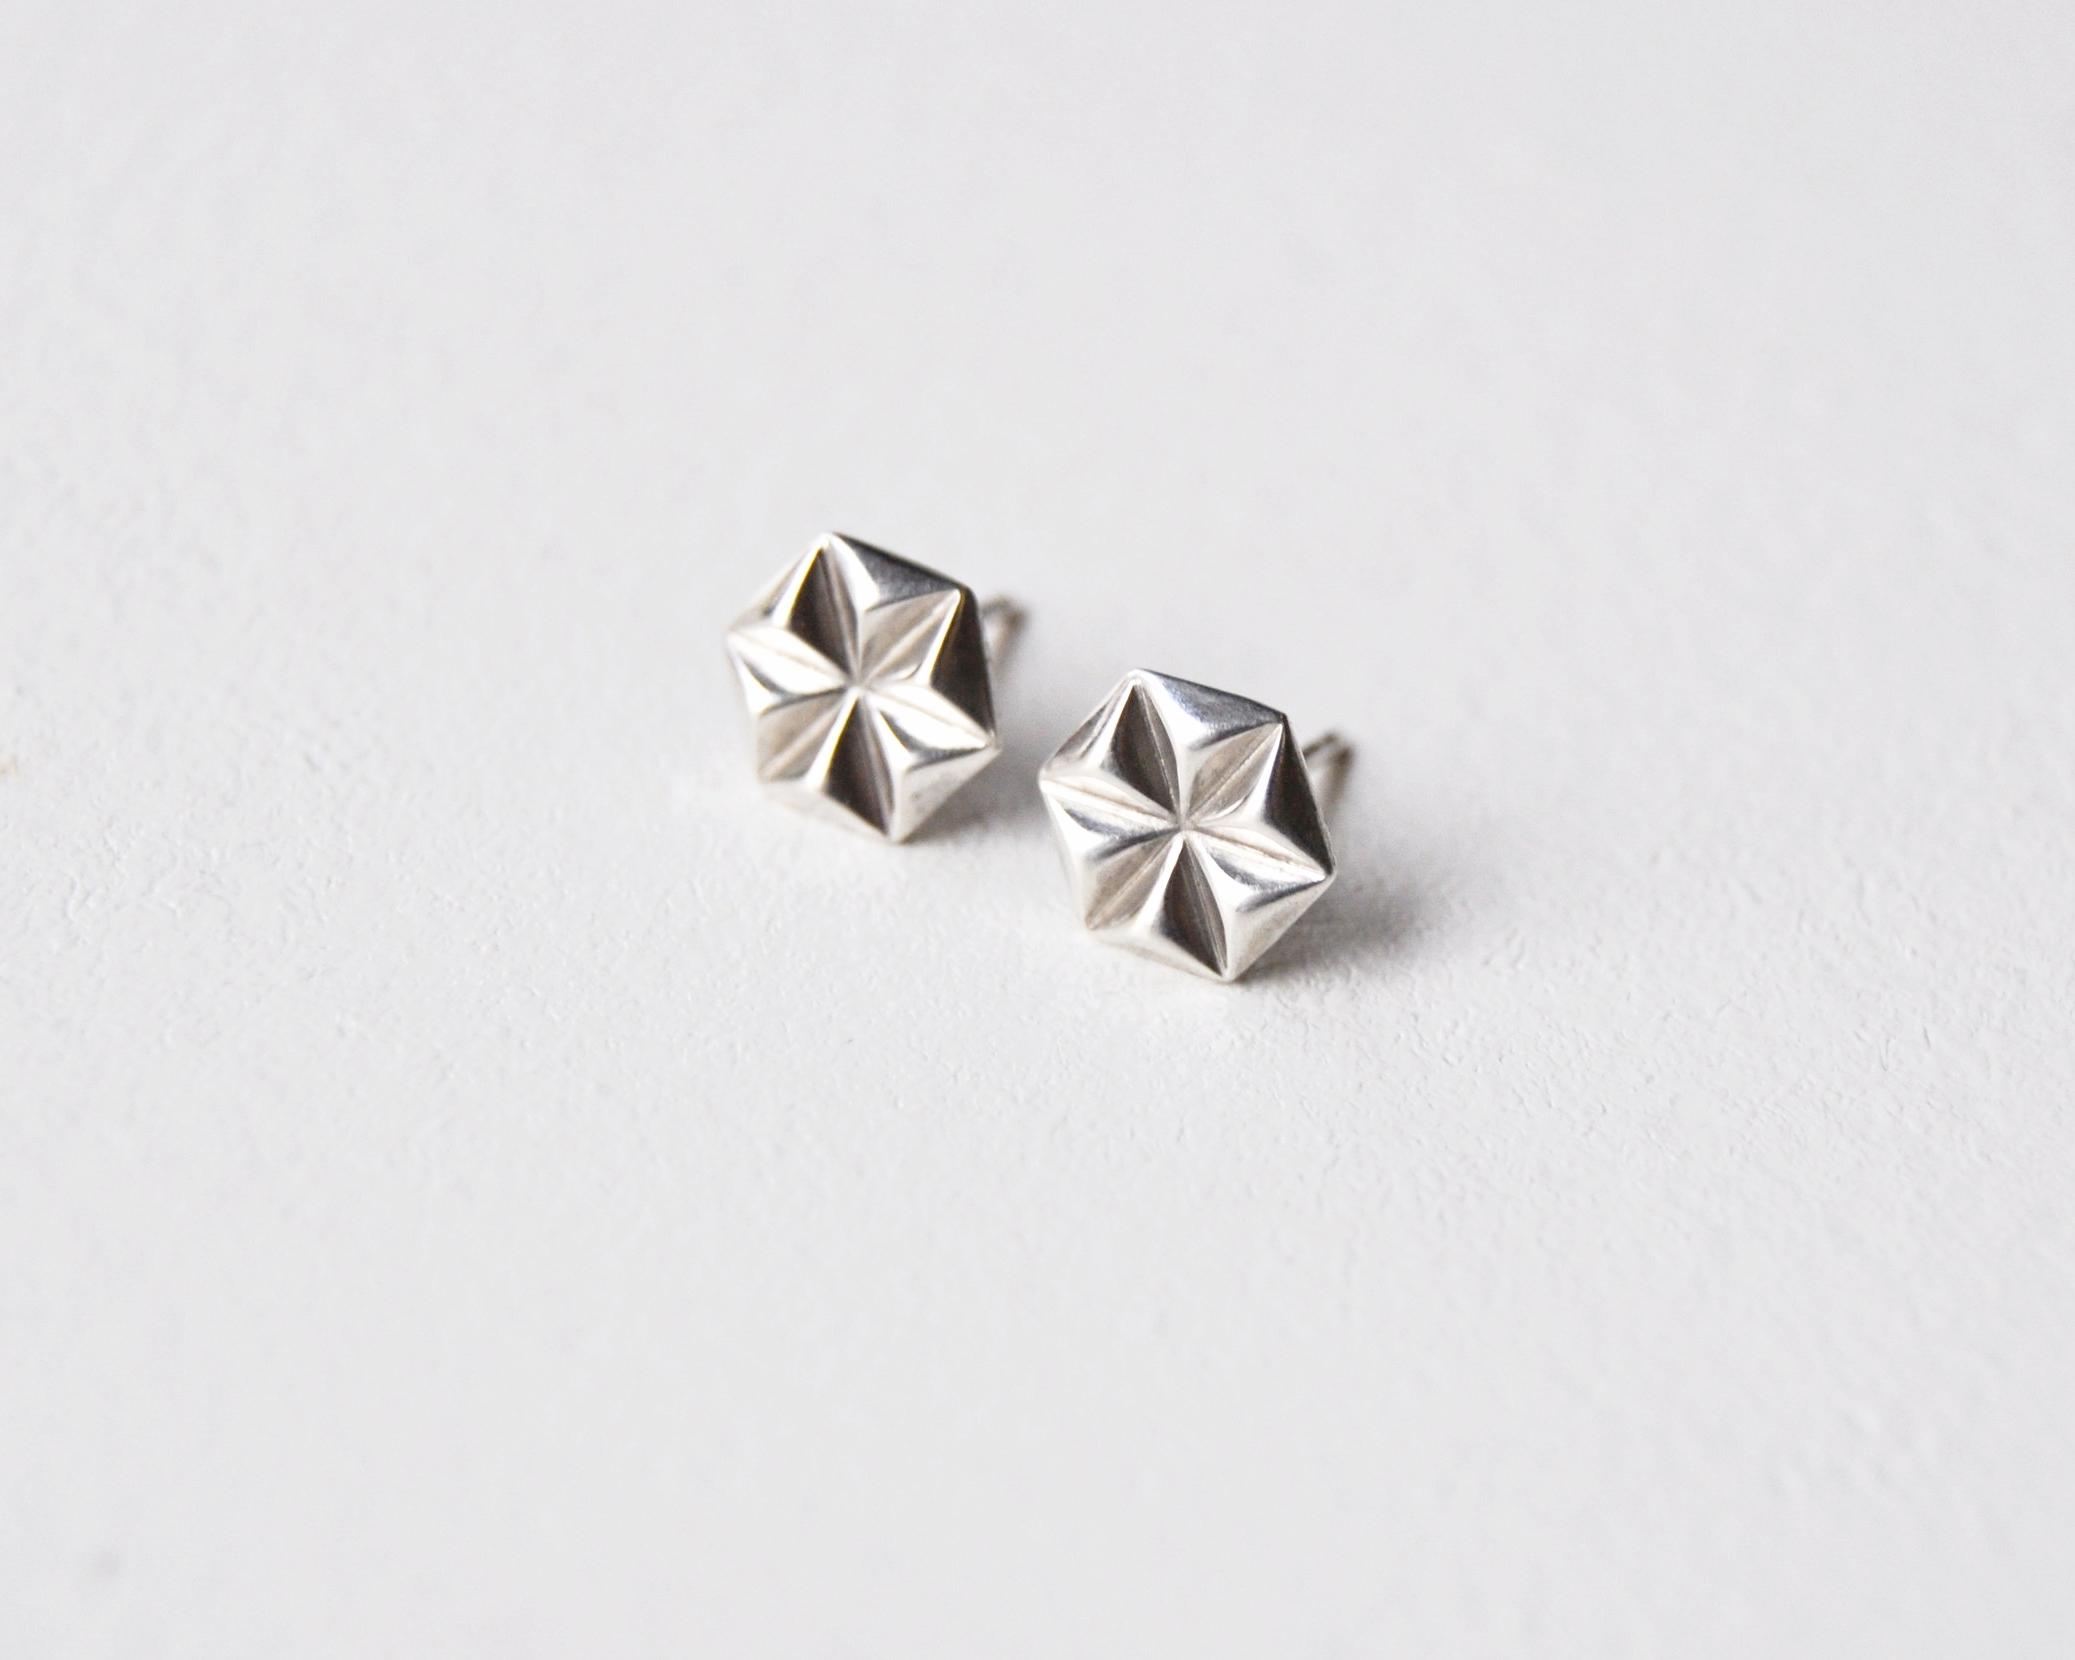 Marisa-Lomonaco-Jewelry-Beacon-NY-010-1.jpg